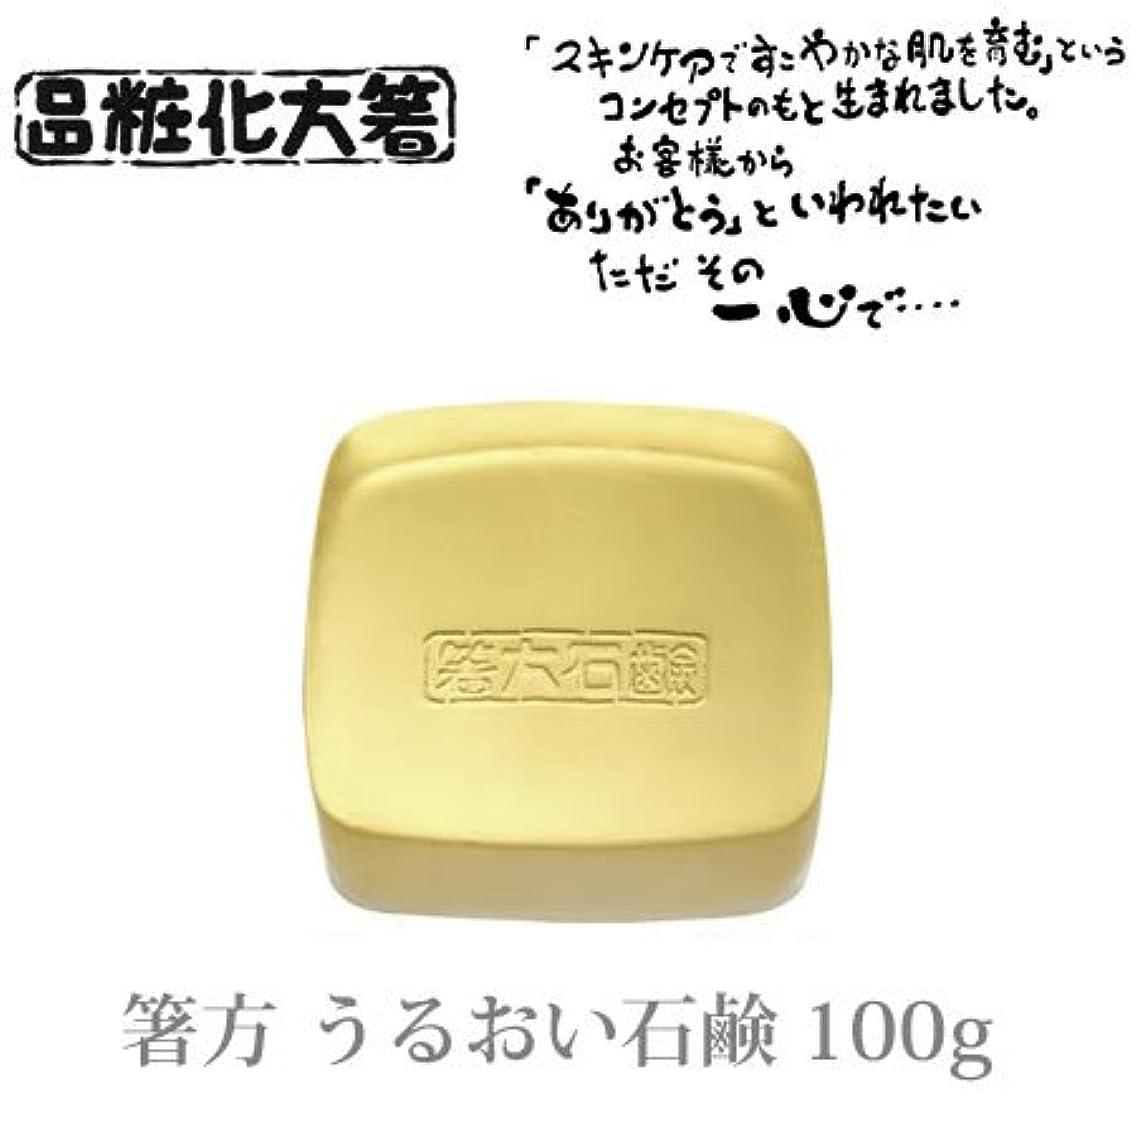 アルファベット音声学ハシー箸方化粧品 うるおい石鹸 100g はしかた化粧品